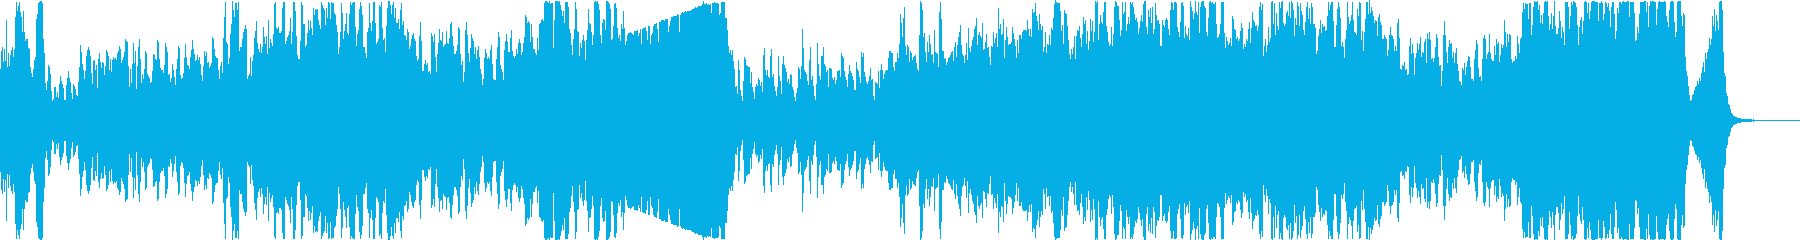 明るいアップテンポなポップオーケストラの再生済みの波形